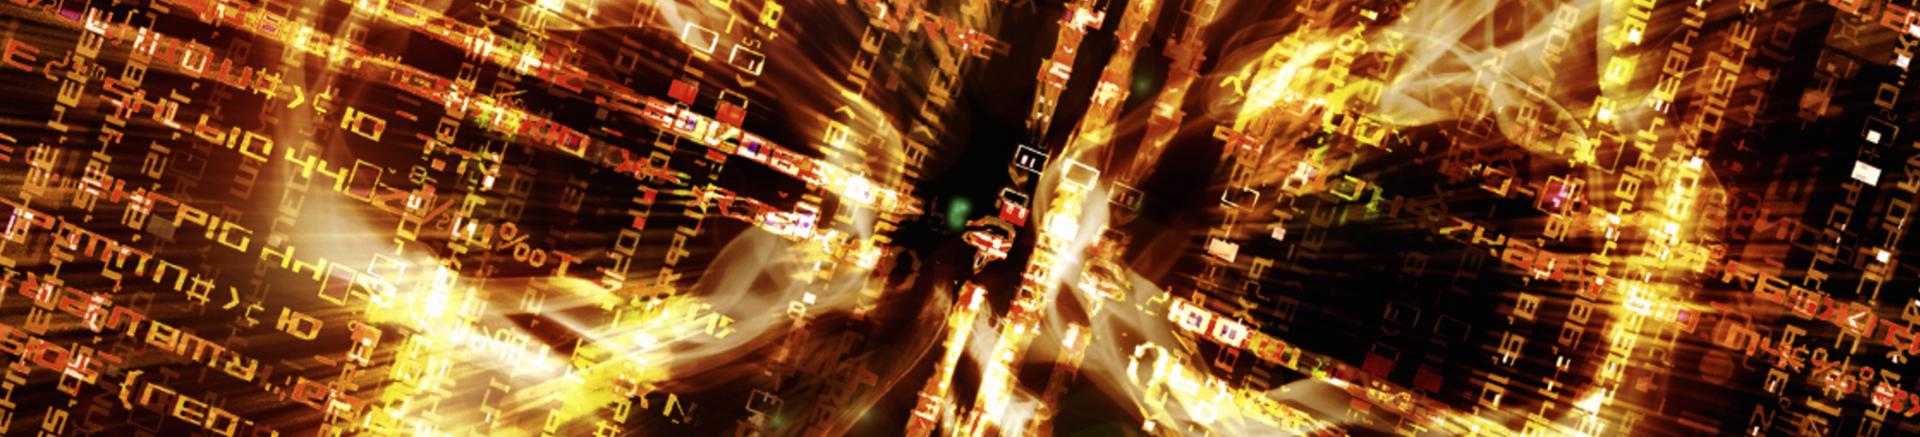 Кибербезопасность 2015 года - 4